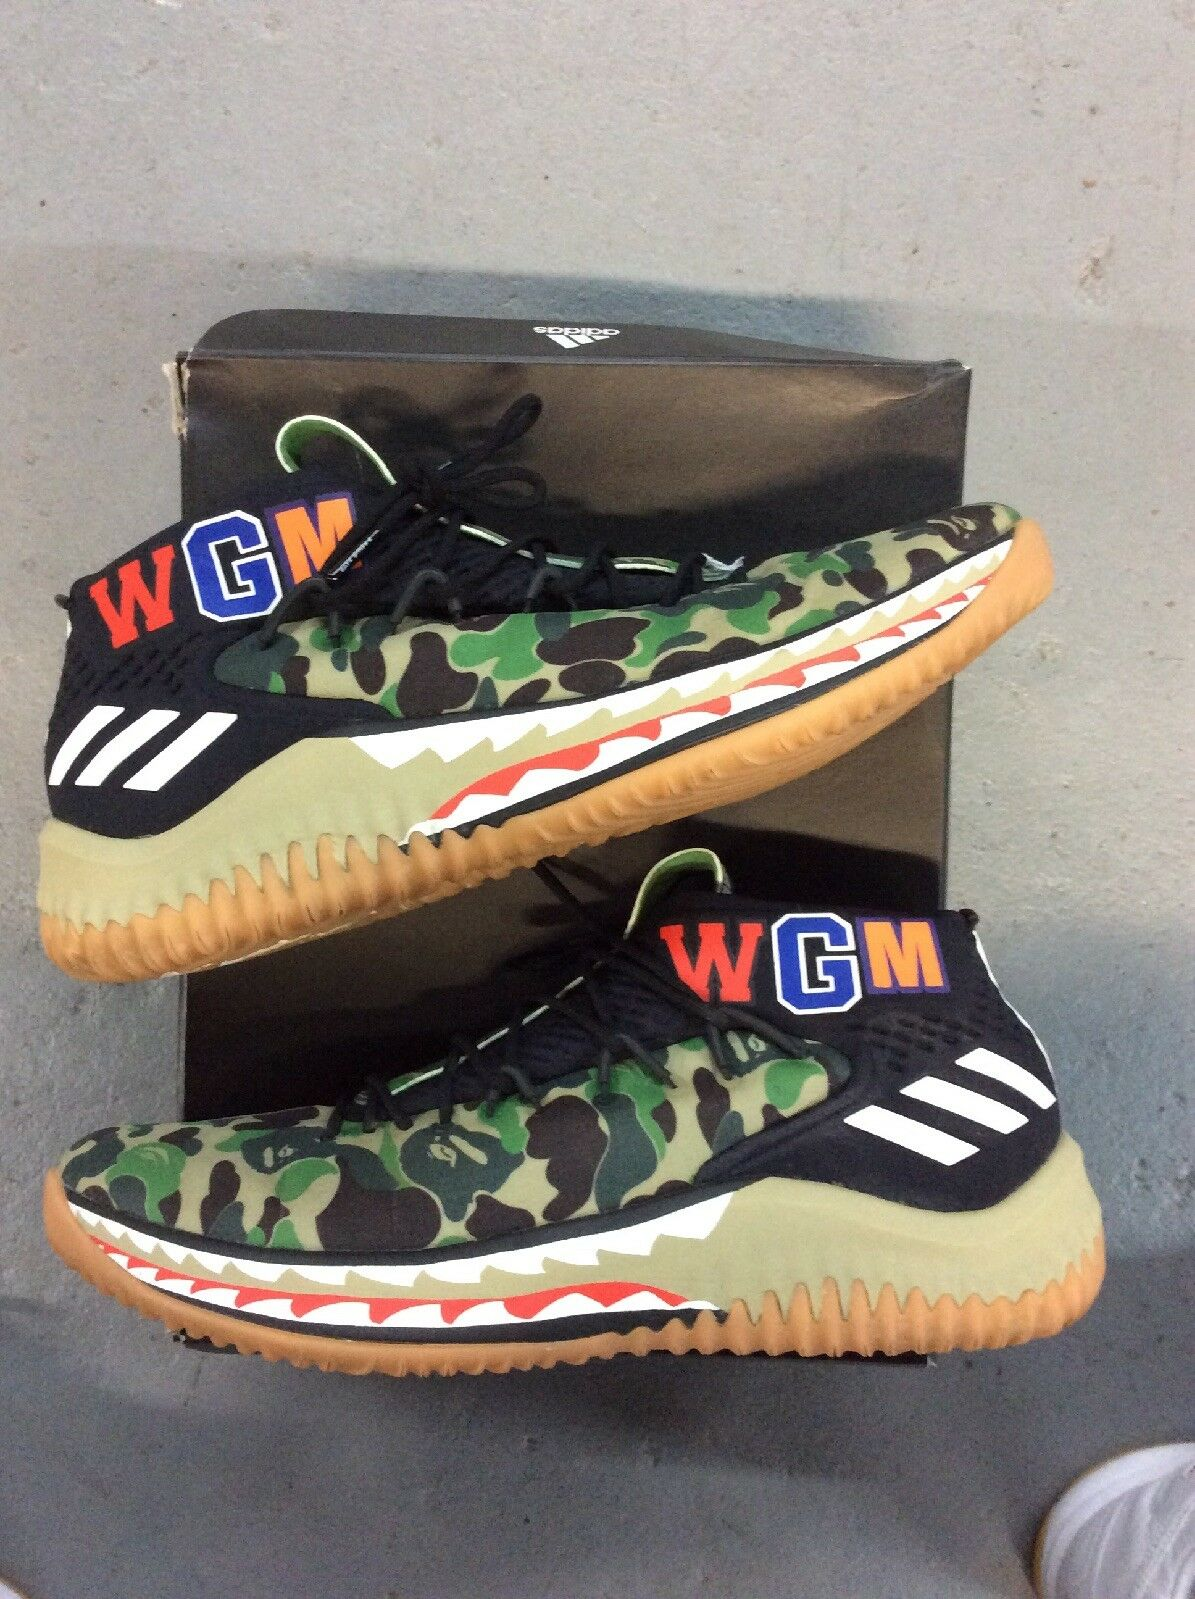 Bape x Adidas Dame 4 green camo Size 12